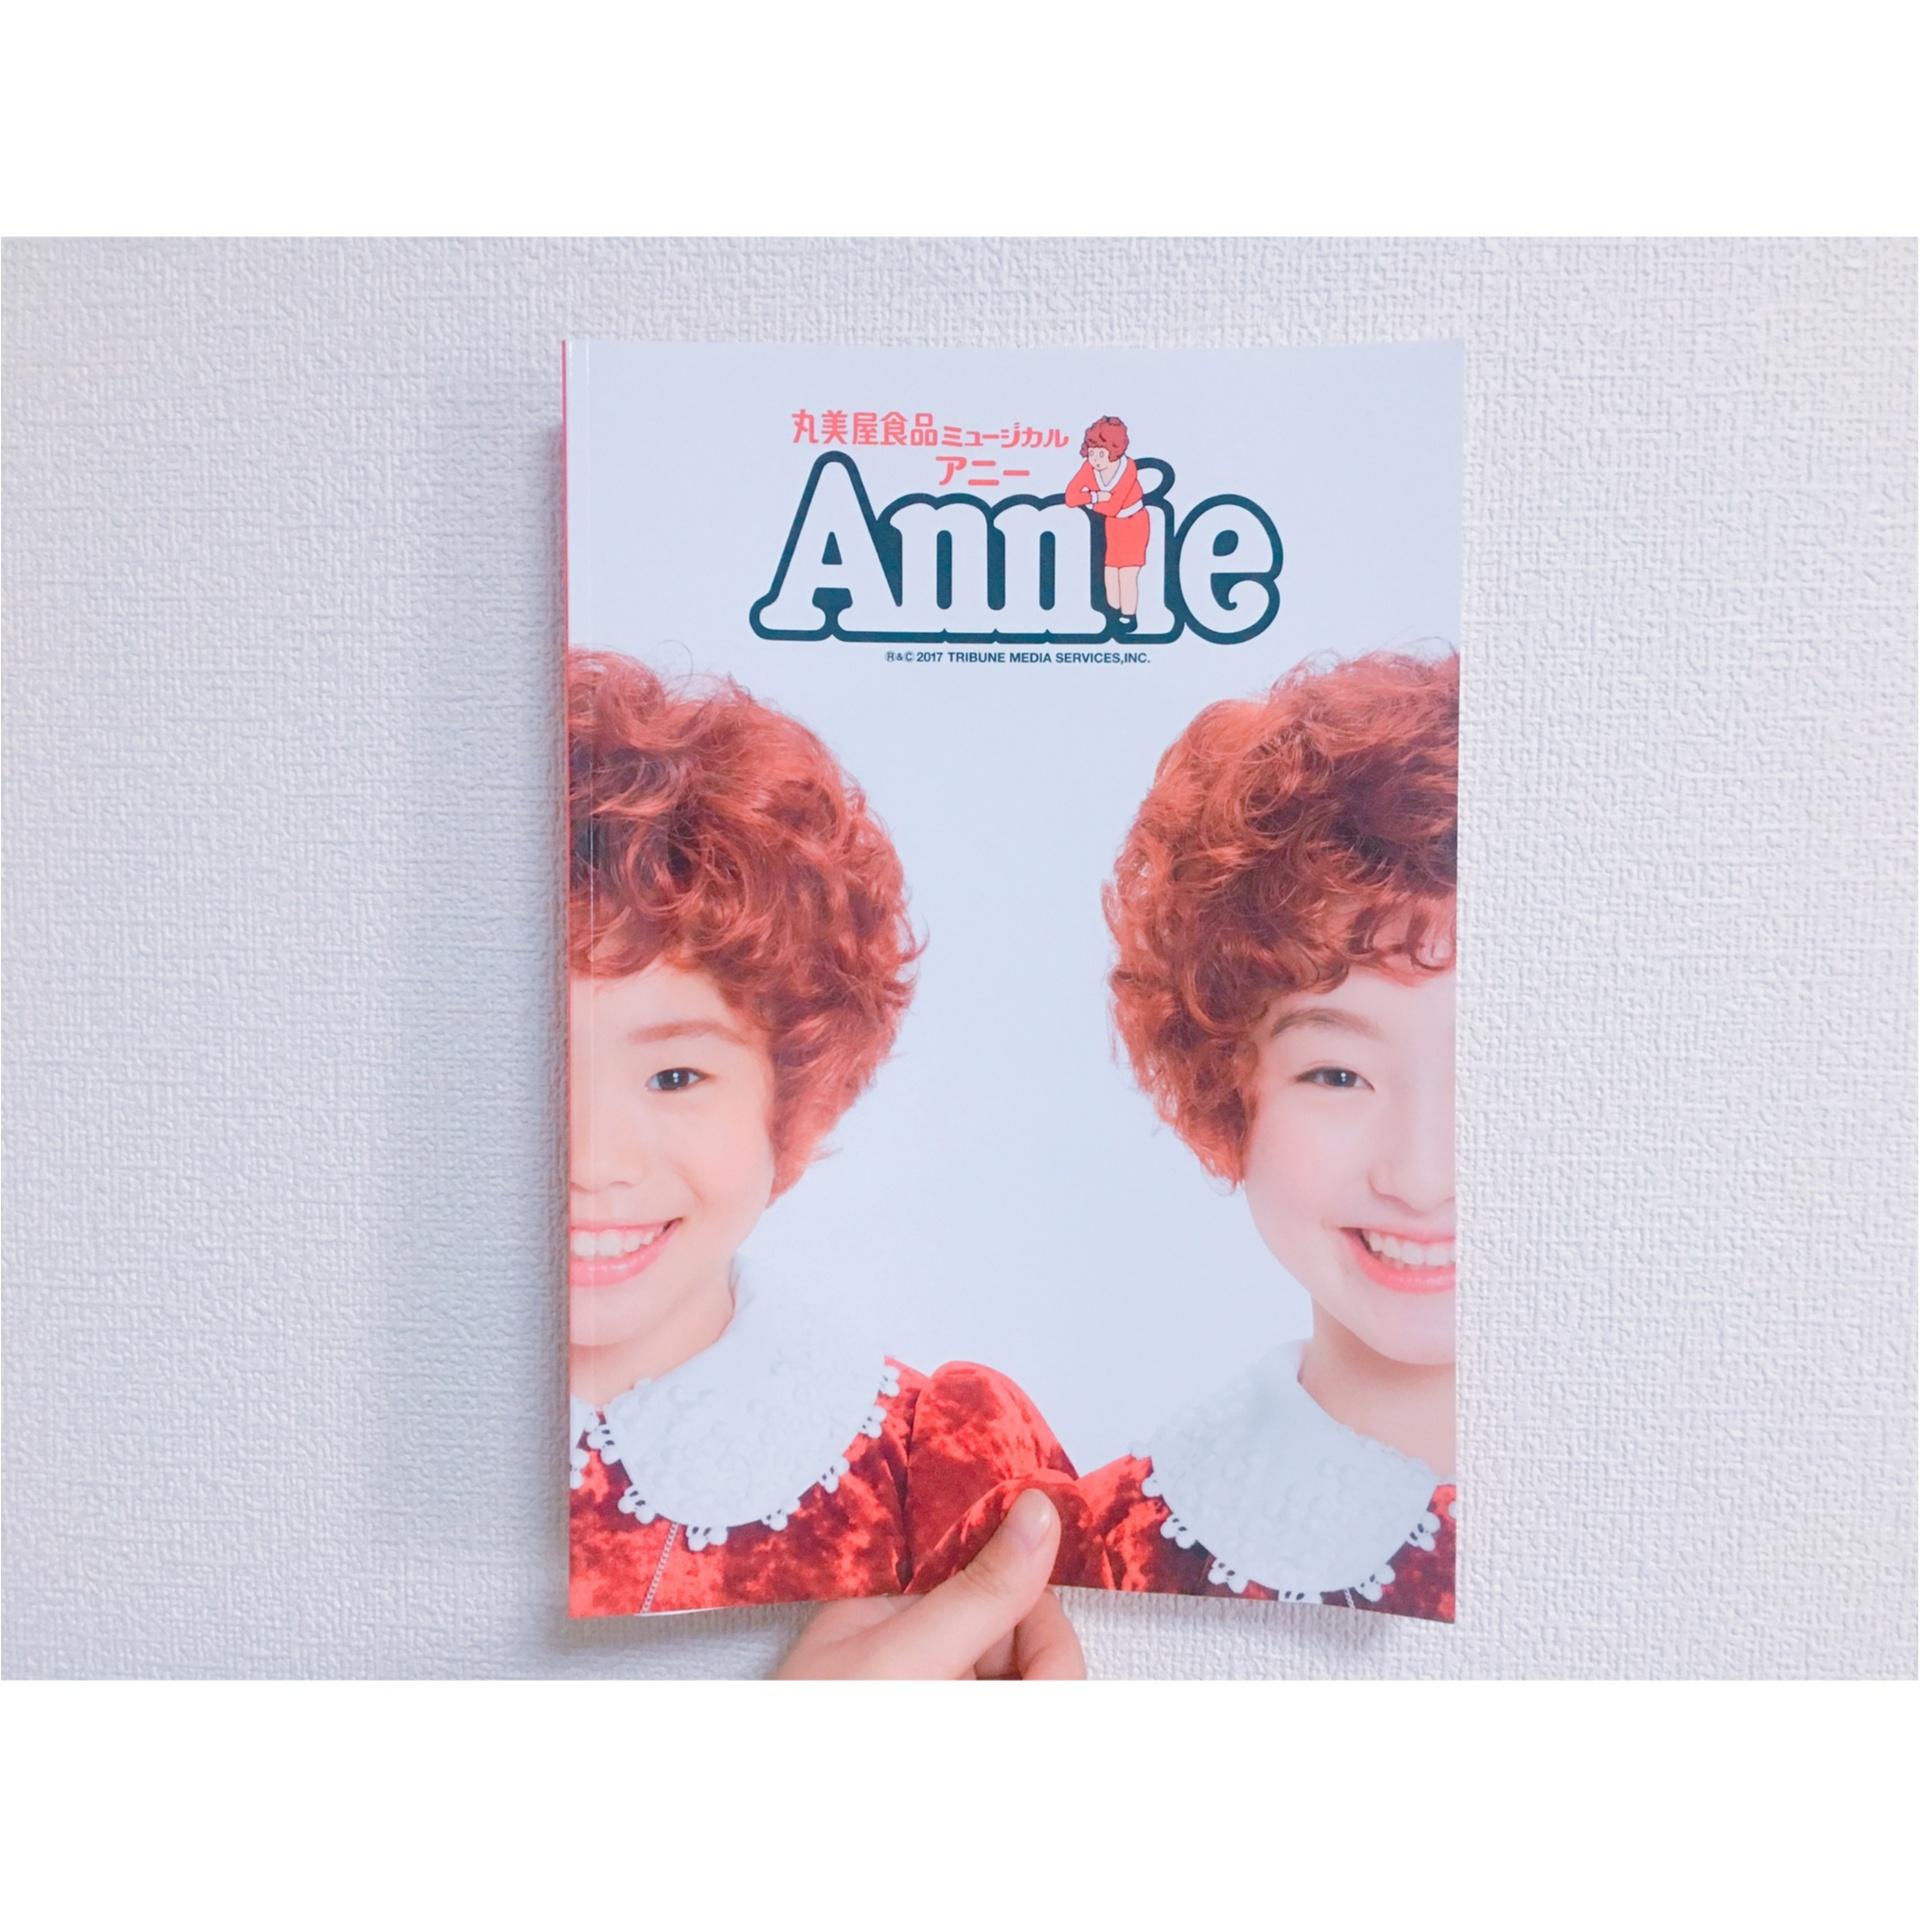 ▷16年ぶりのリニューアル!!ミュージカル【Annie】_2